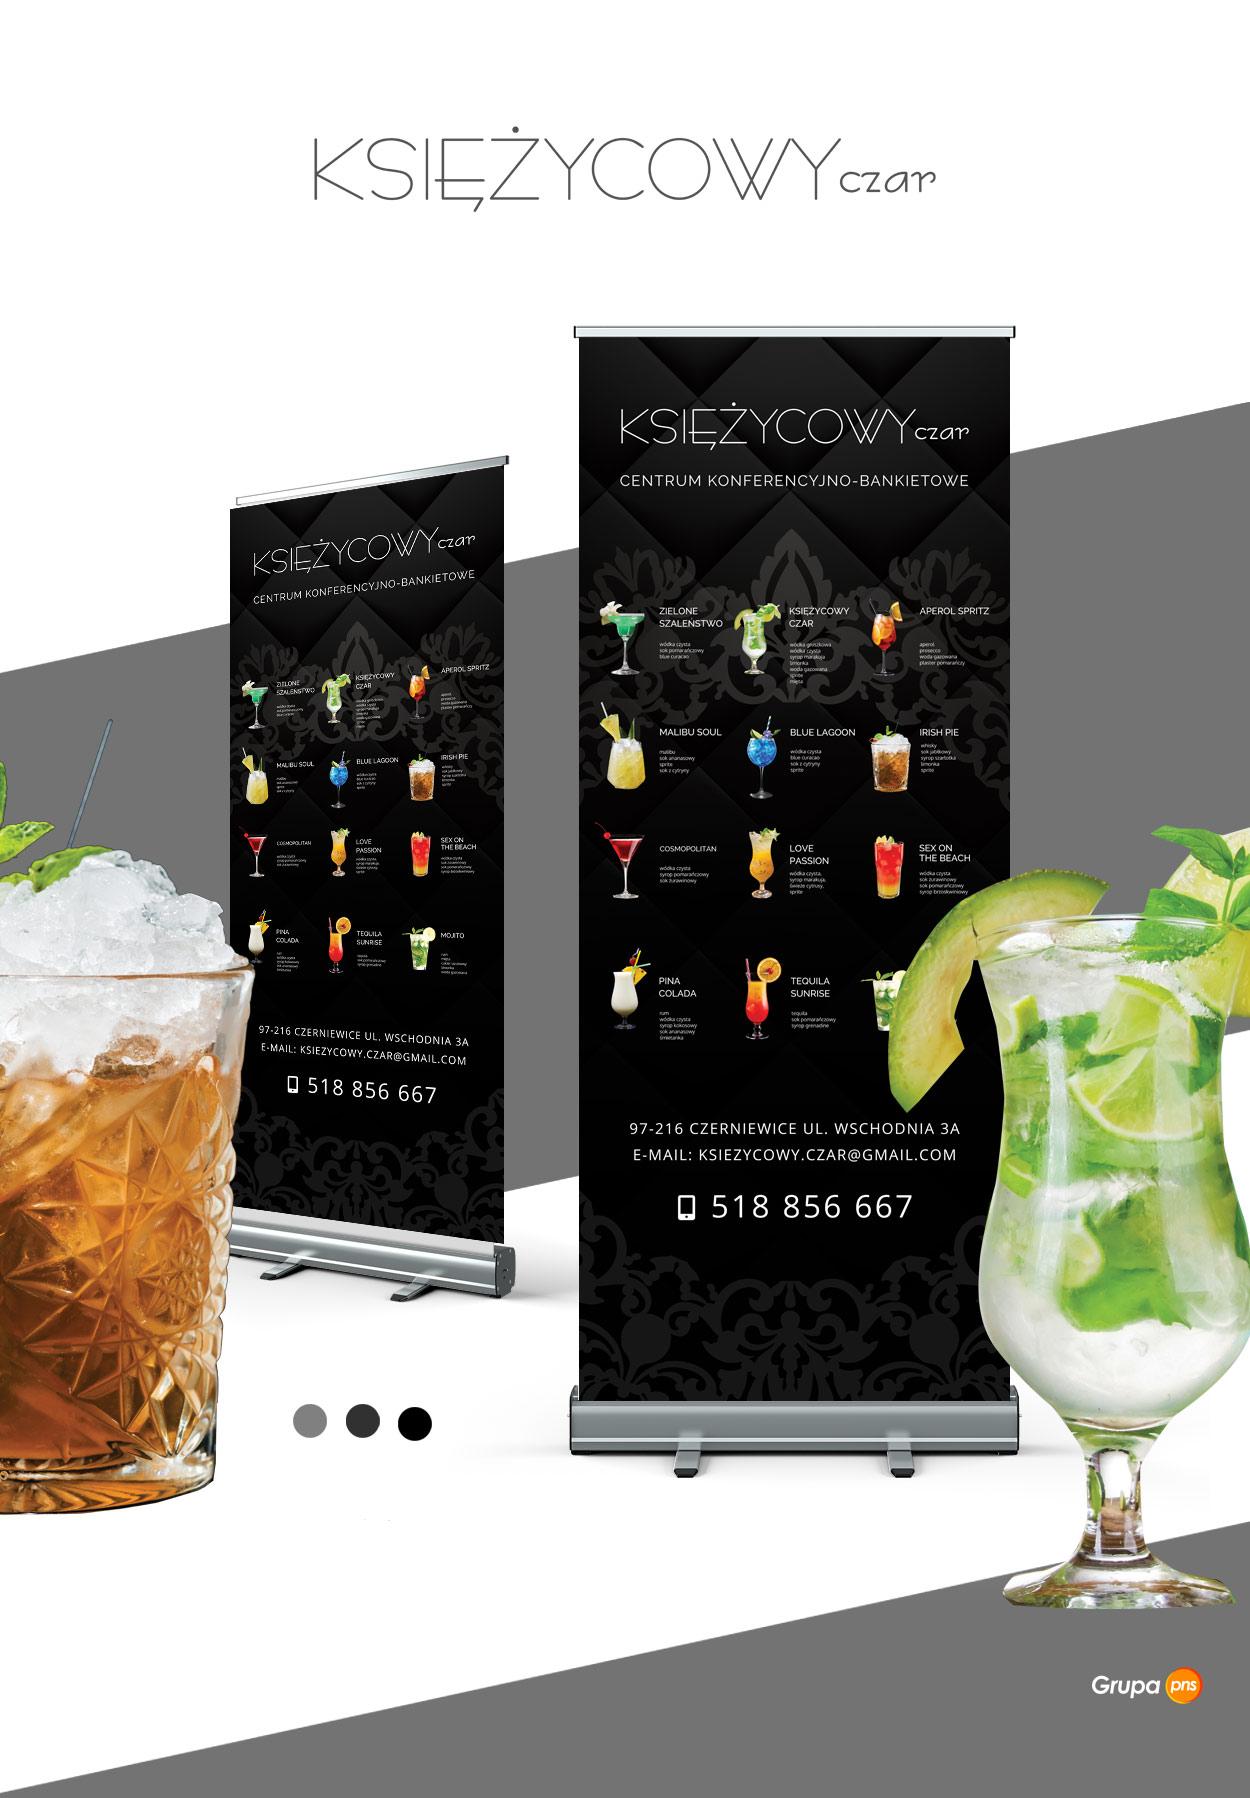 projekt graficzny rollup dla restauracji drinki ksiezycowy - Projekt graficzny rollupu dla restauracji - Księżycowy Czar